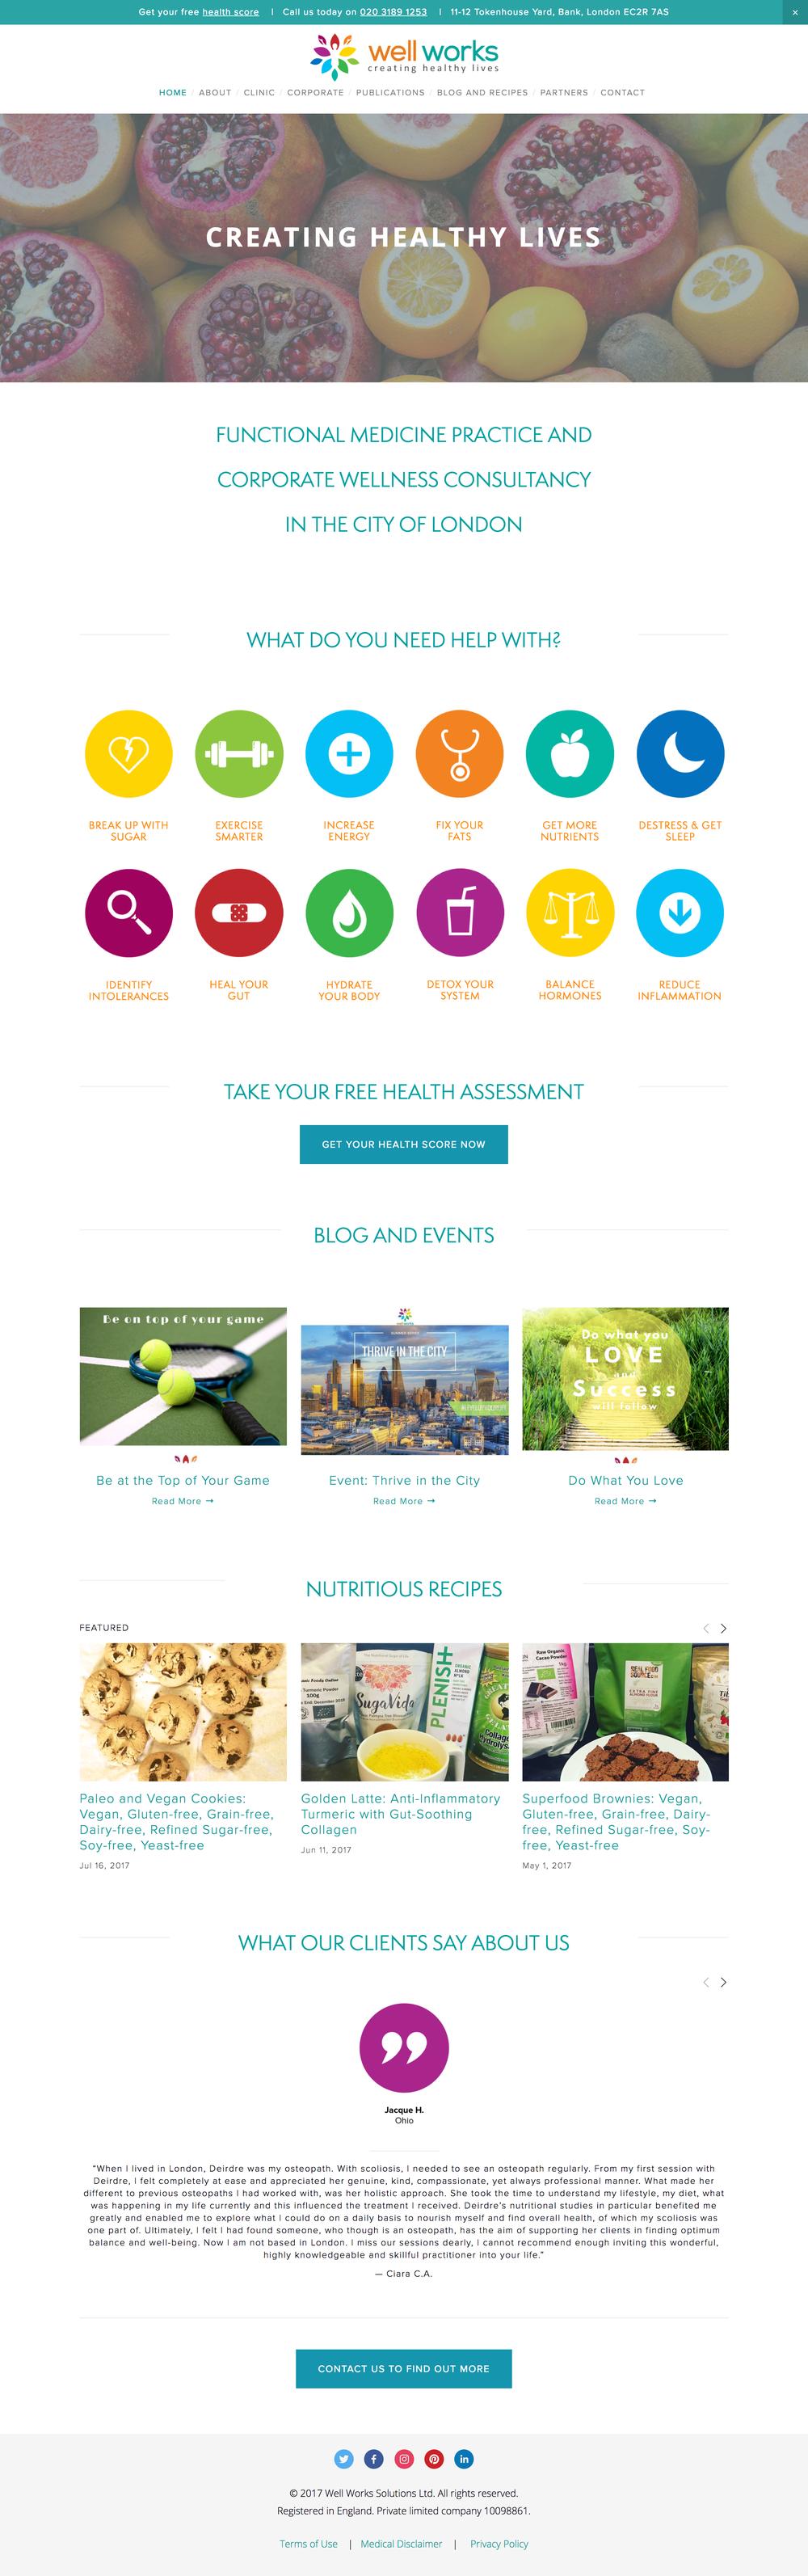 Wellness & Functional Medicine Website Design